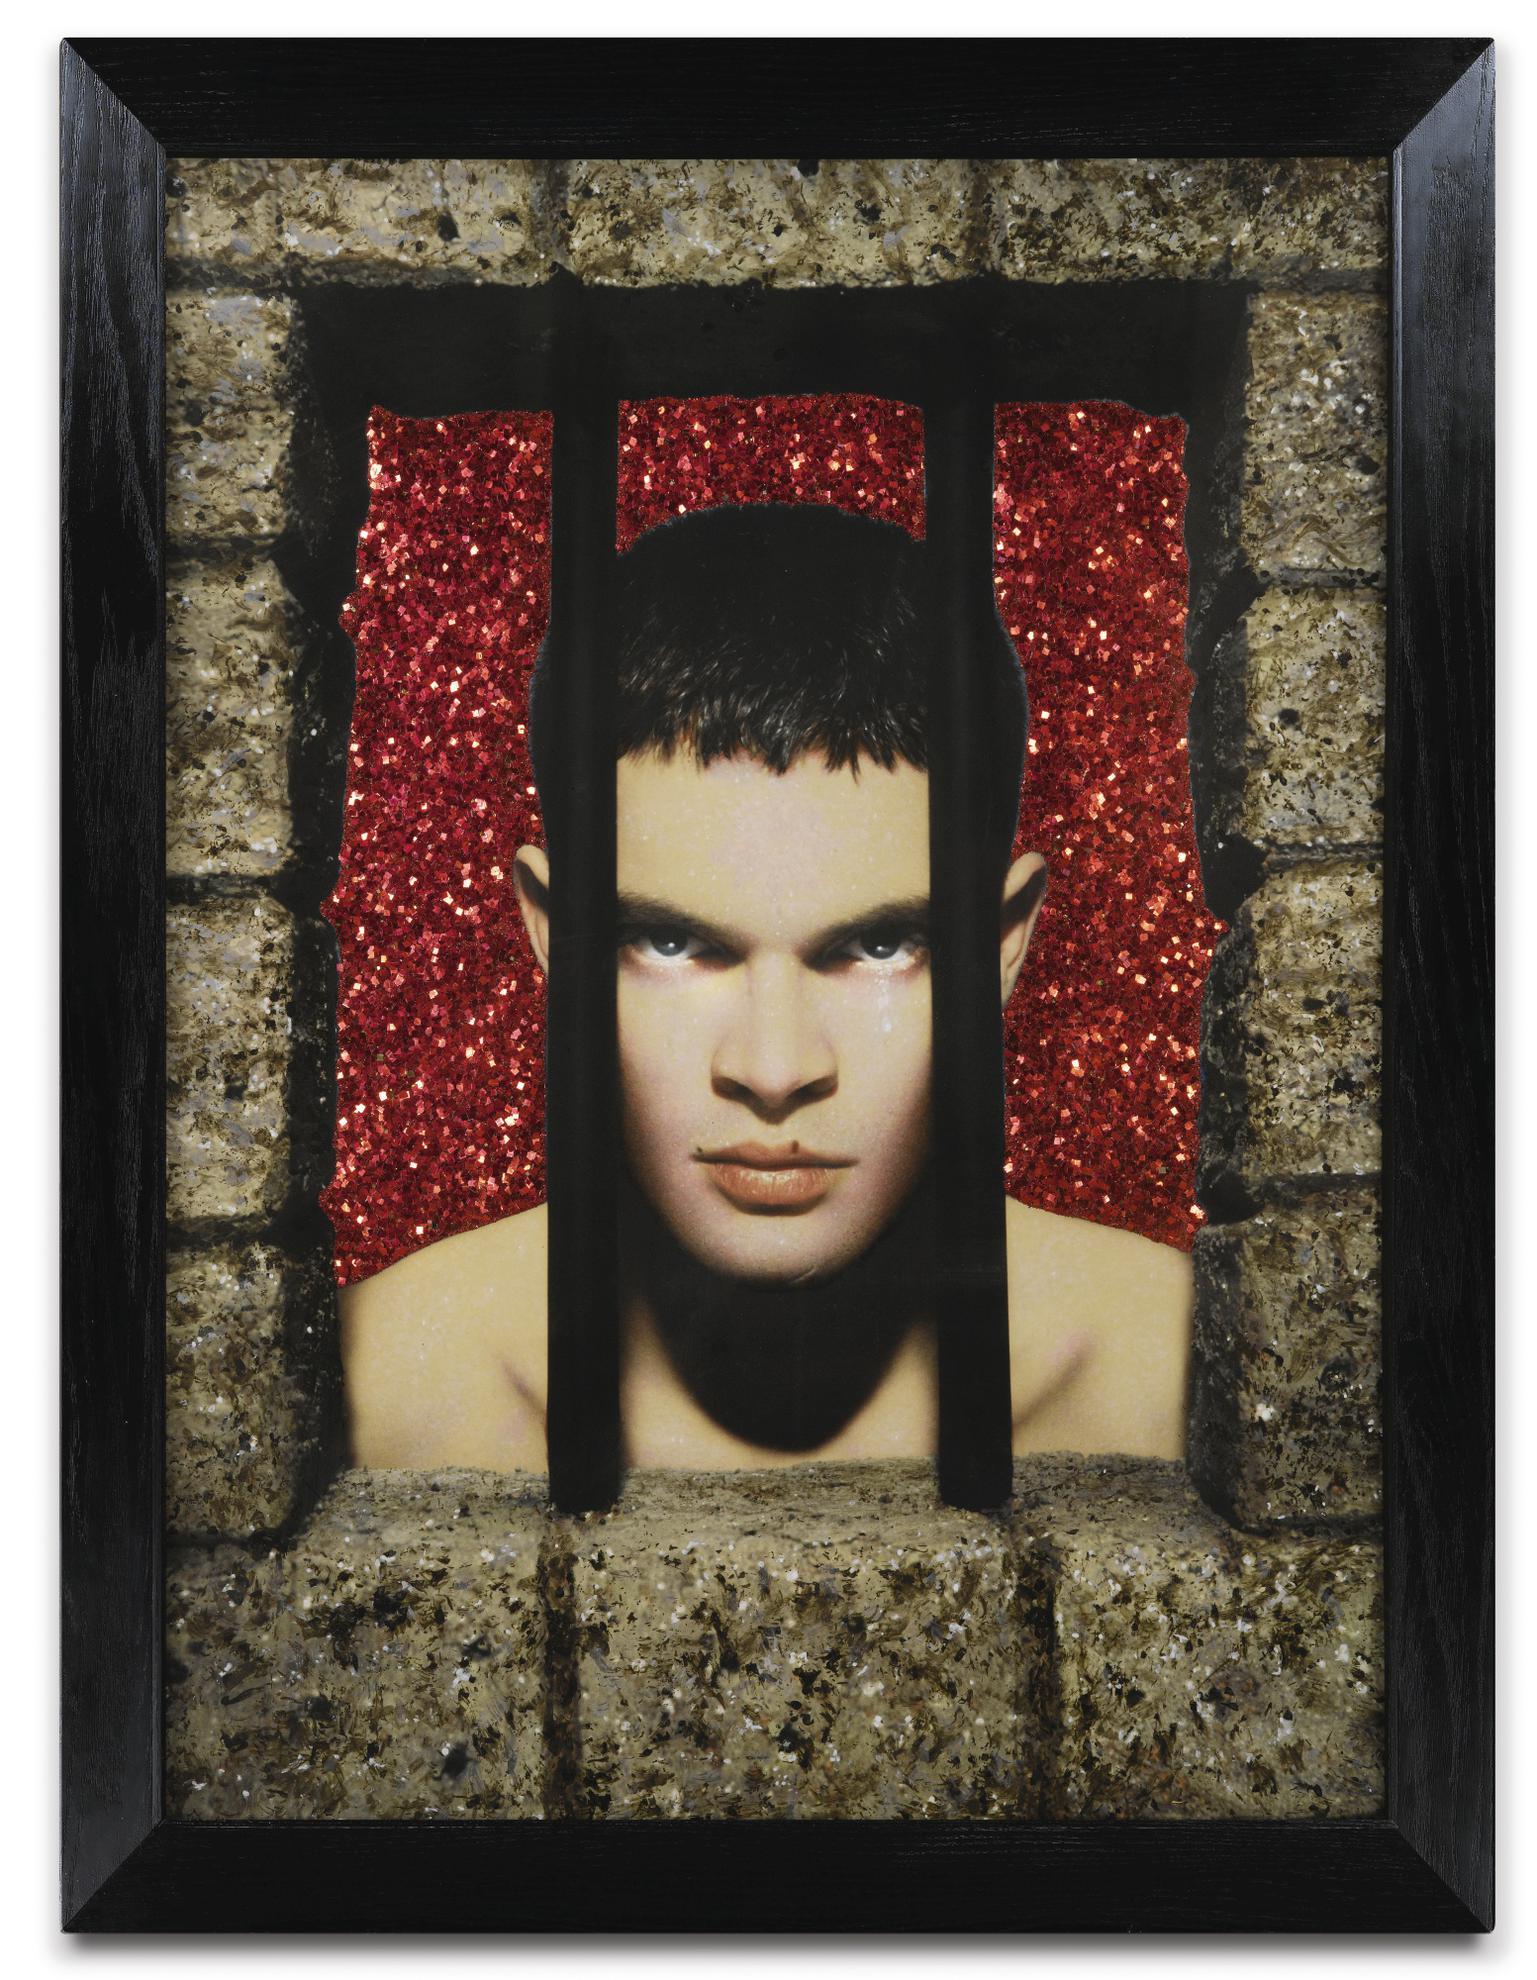 Pierre et Gilles-Le Prisonnier (Laurent Combes)-1994